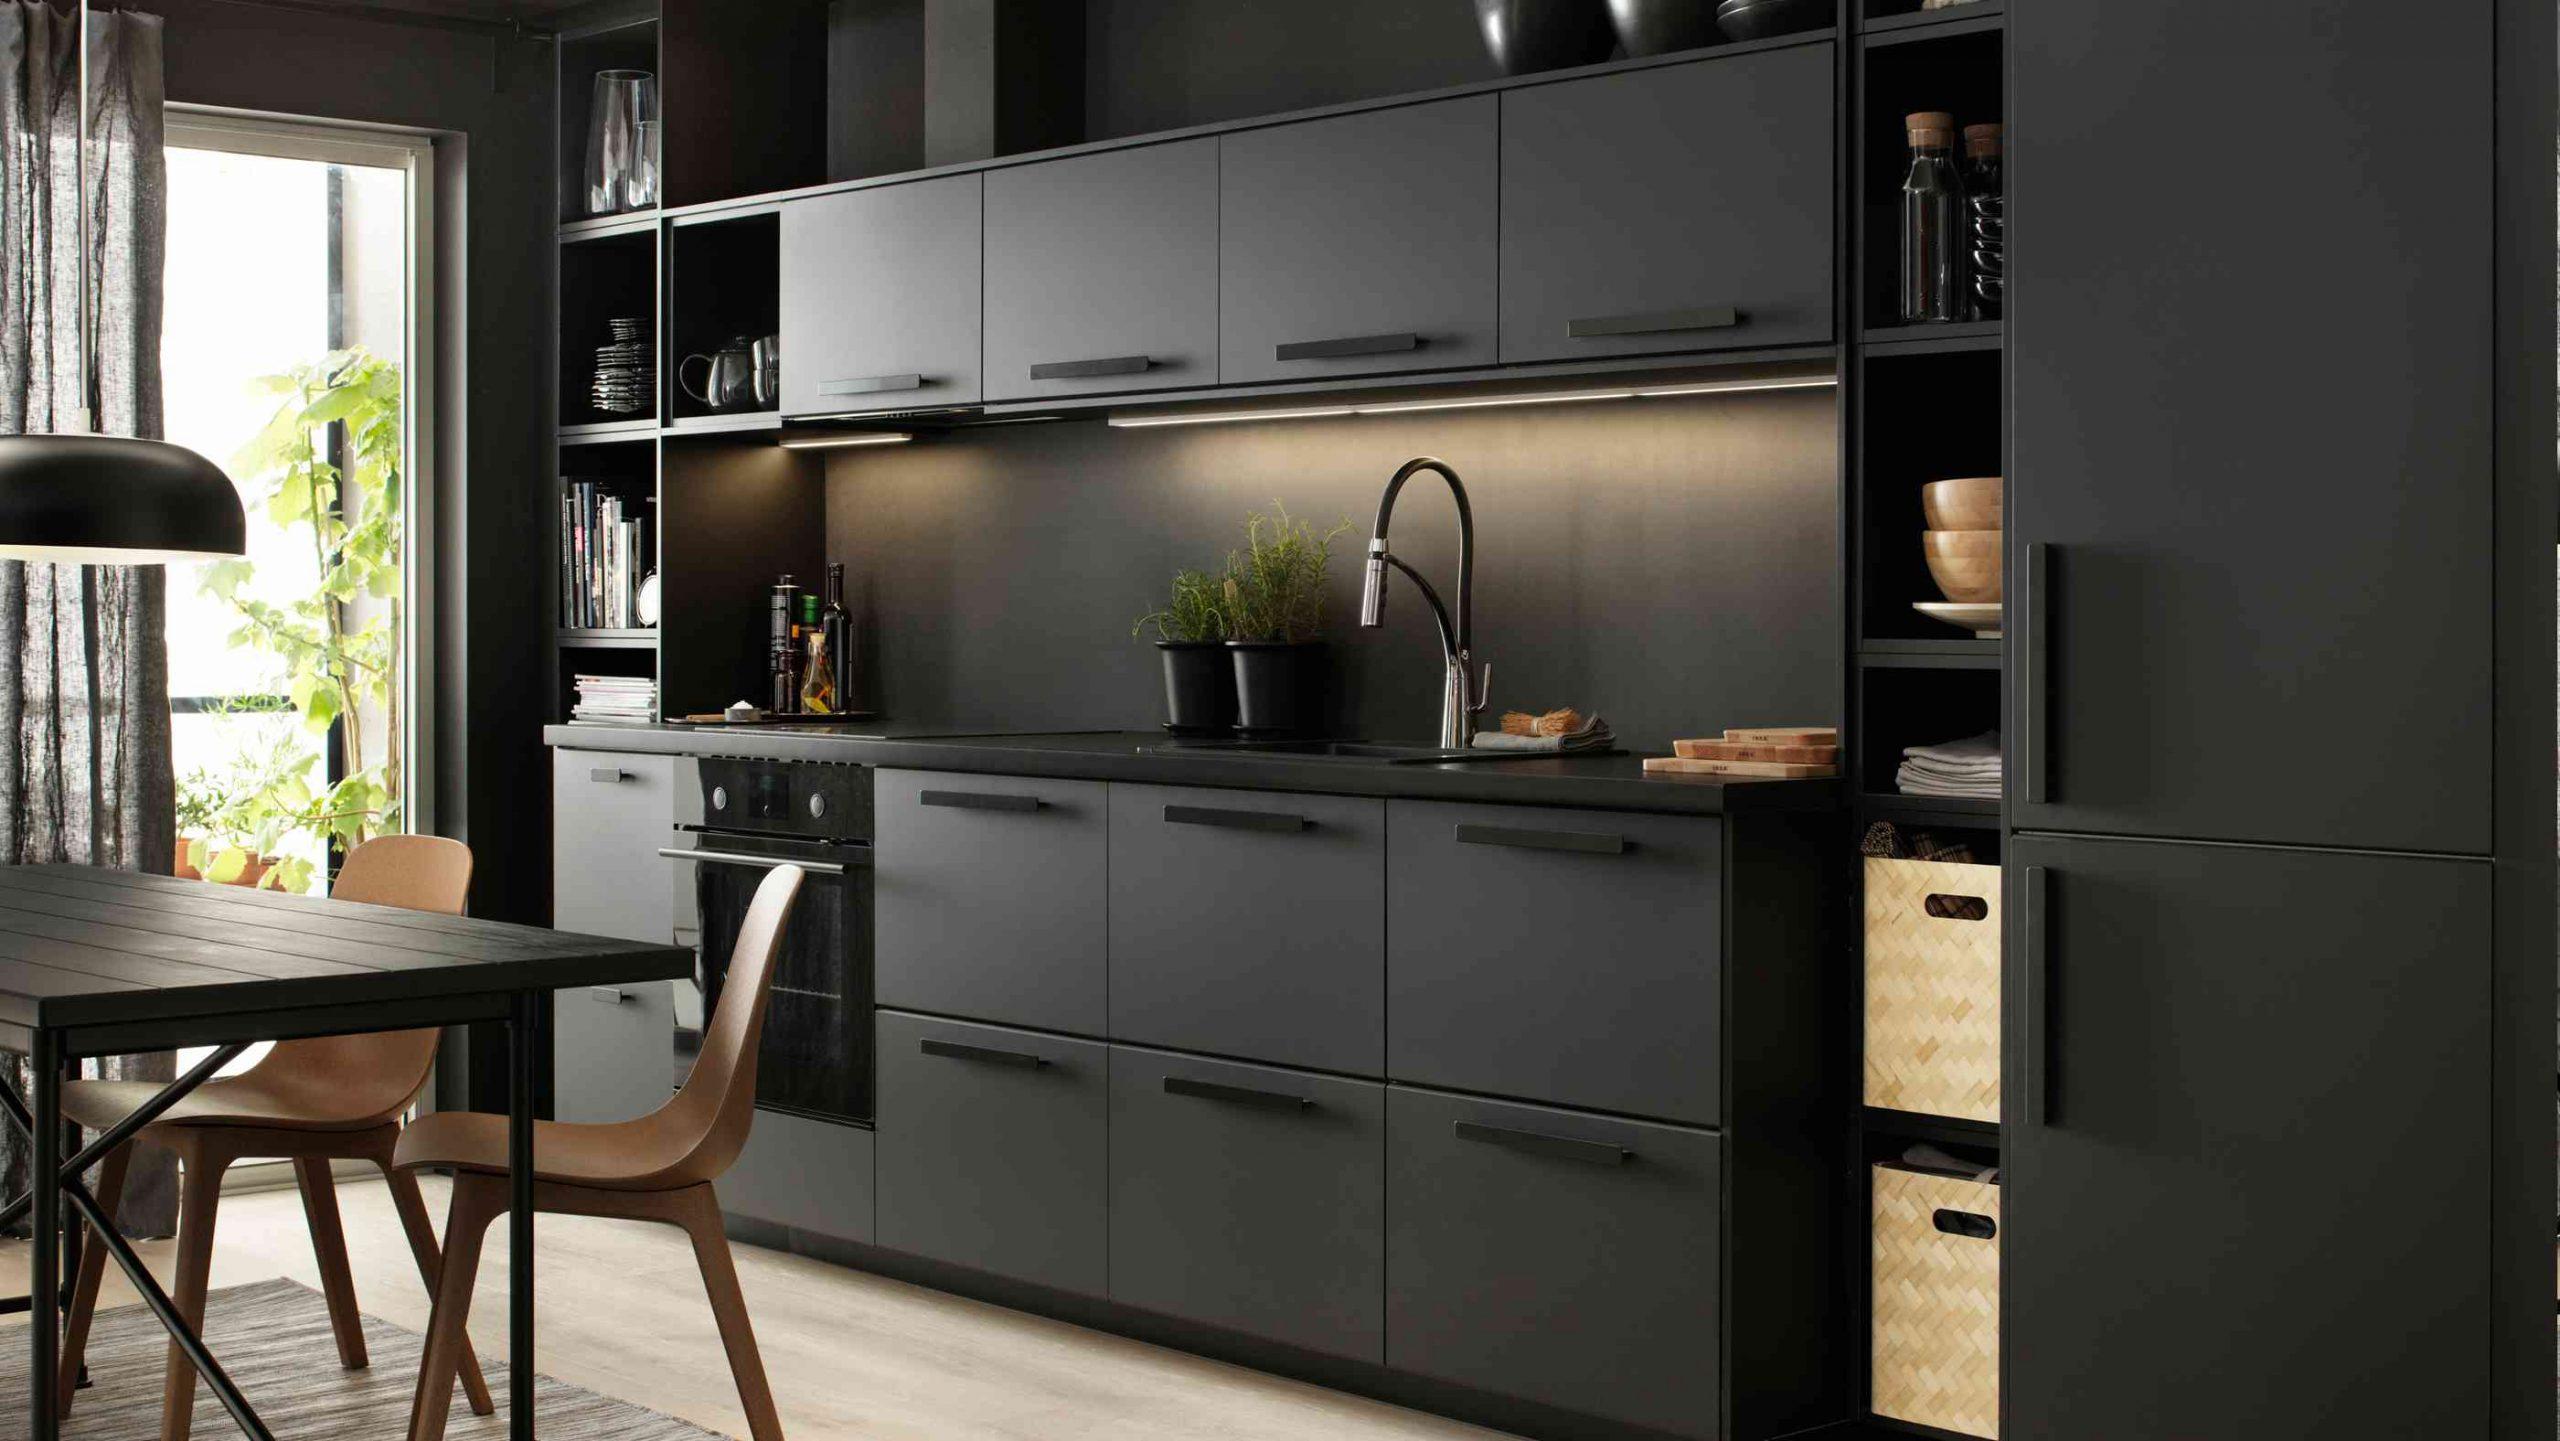 Ikea Küche Planen Lassen Kosten Deckenbeleuchtung Software ...